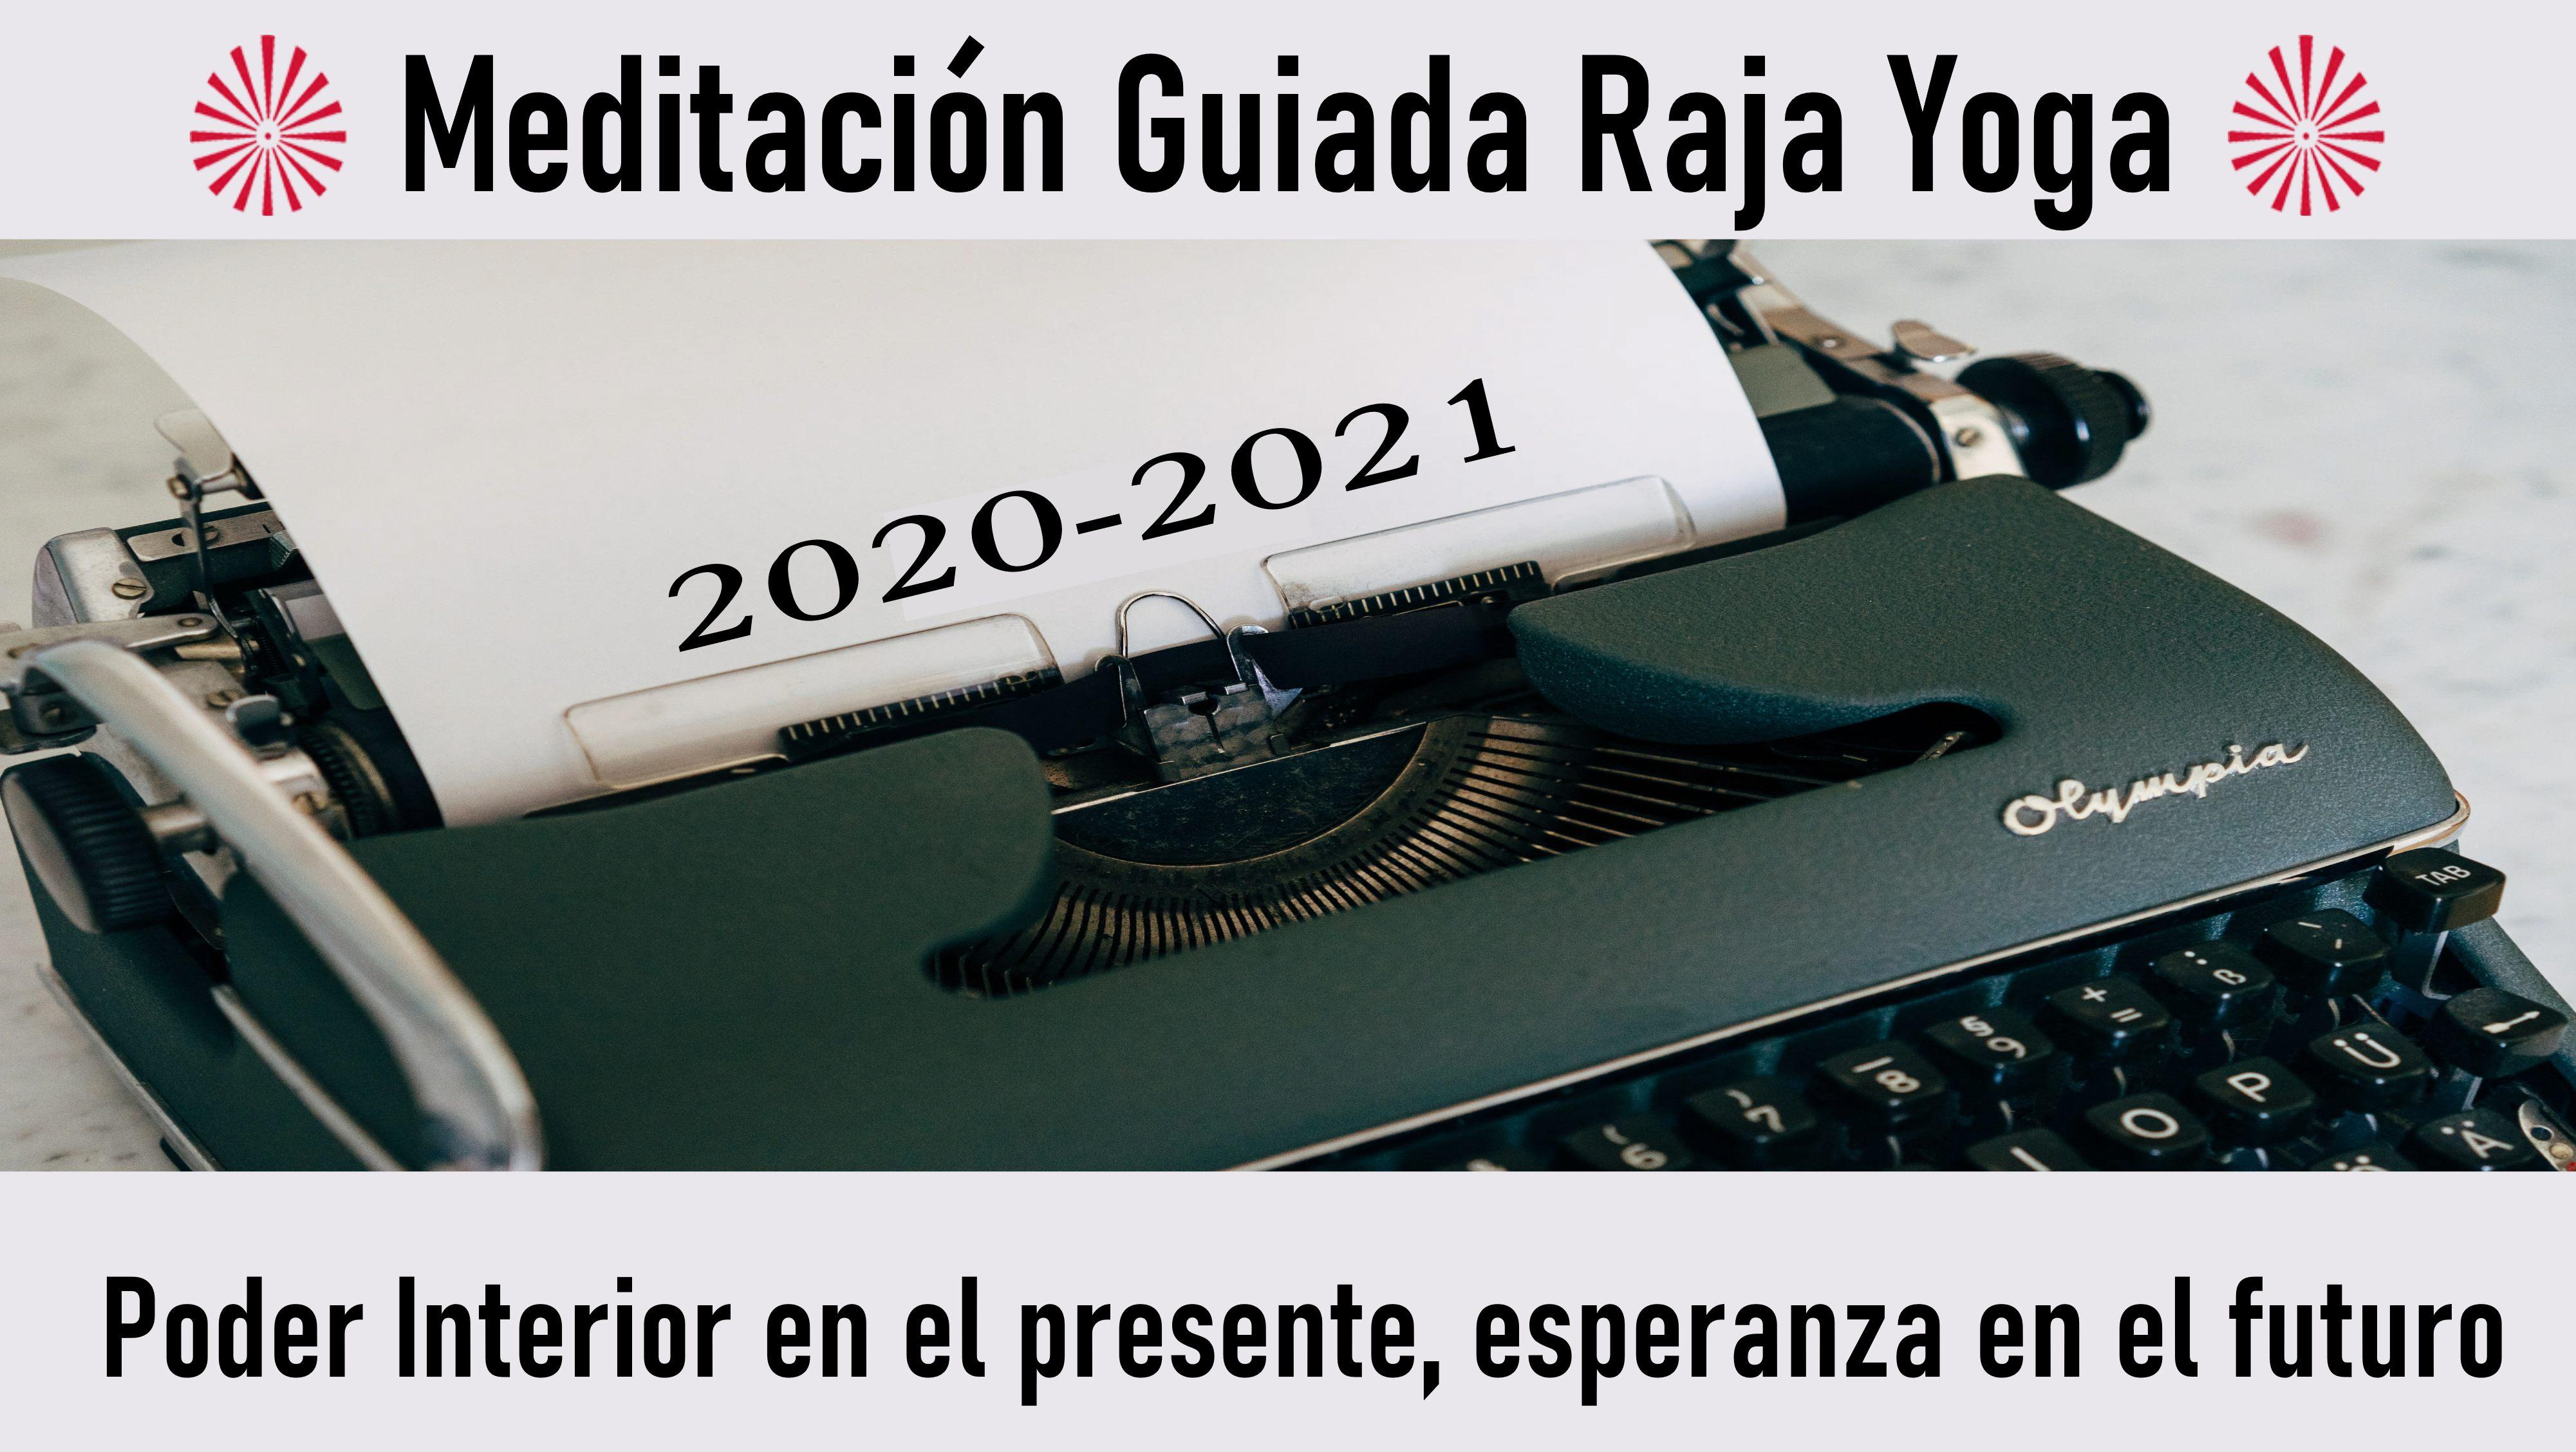 Meditación Raja Yoga: Poder Interior en el presente, esperanza en el futuro (31 Agosto 2020) On-line desde Madrid